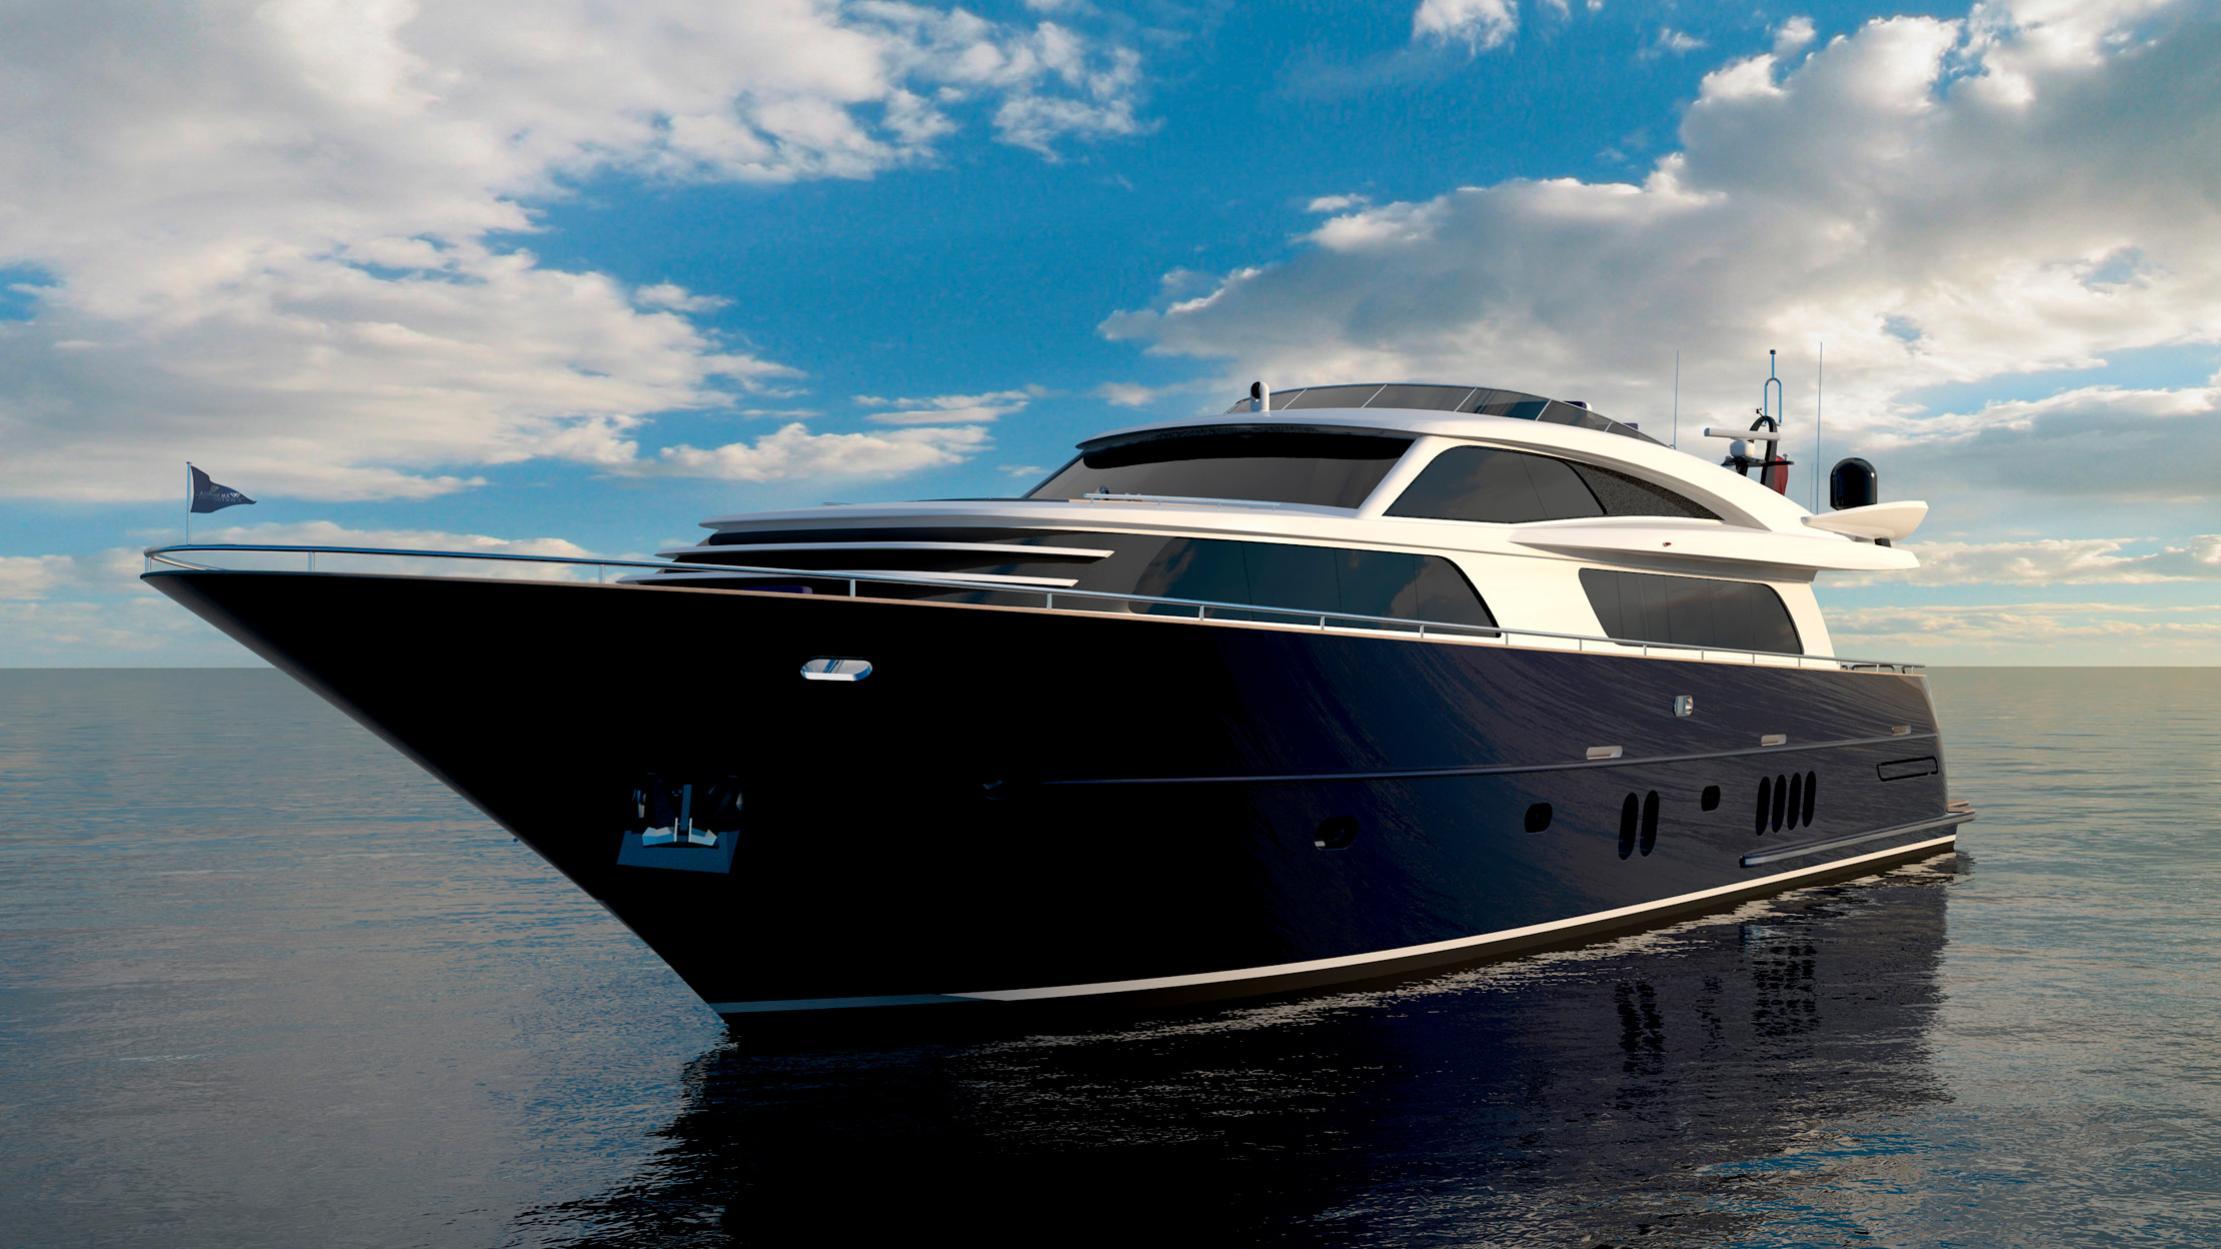 continental-three-03-van-der-valk-2016-26m-rendering-bow